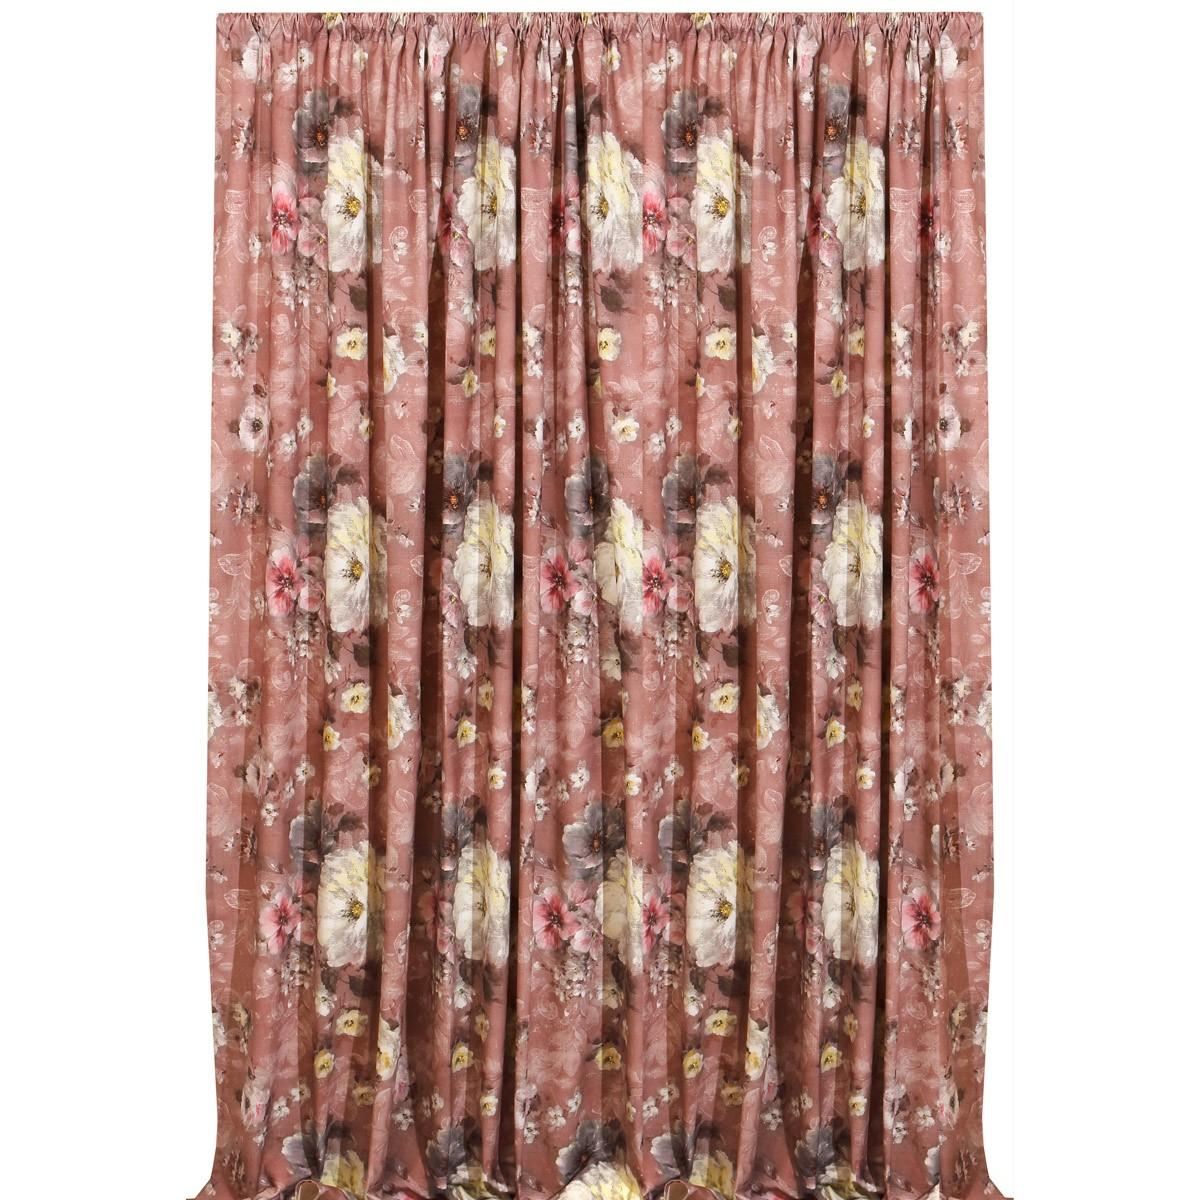 Κουρτίνα (280x270) Viopros Curtains Αλέγκρο Σάπιο Μήλο